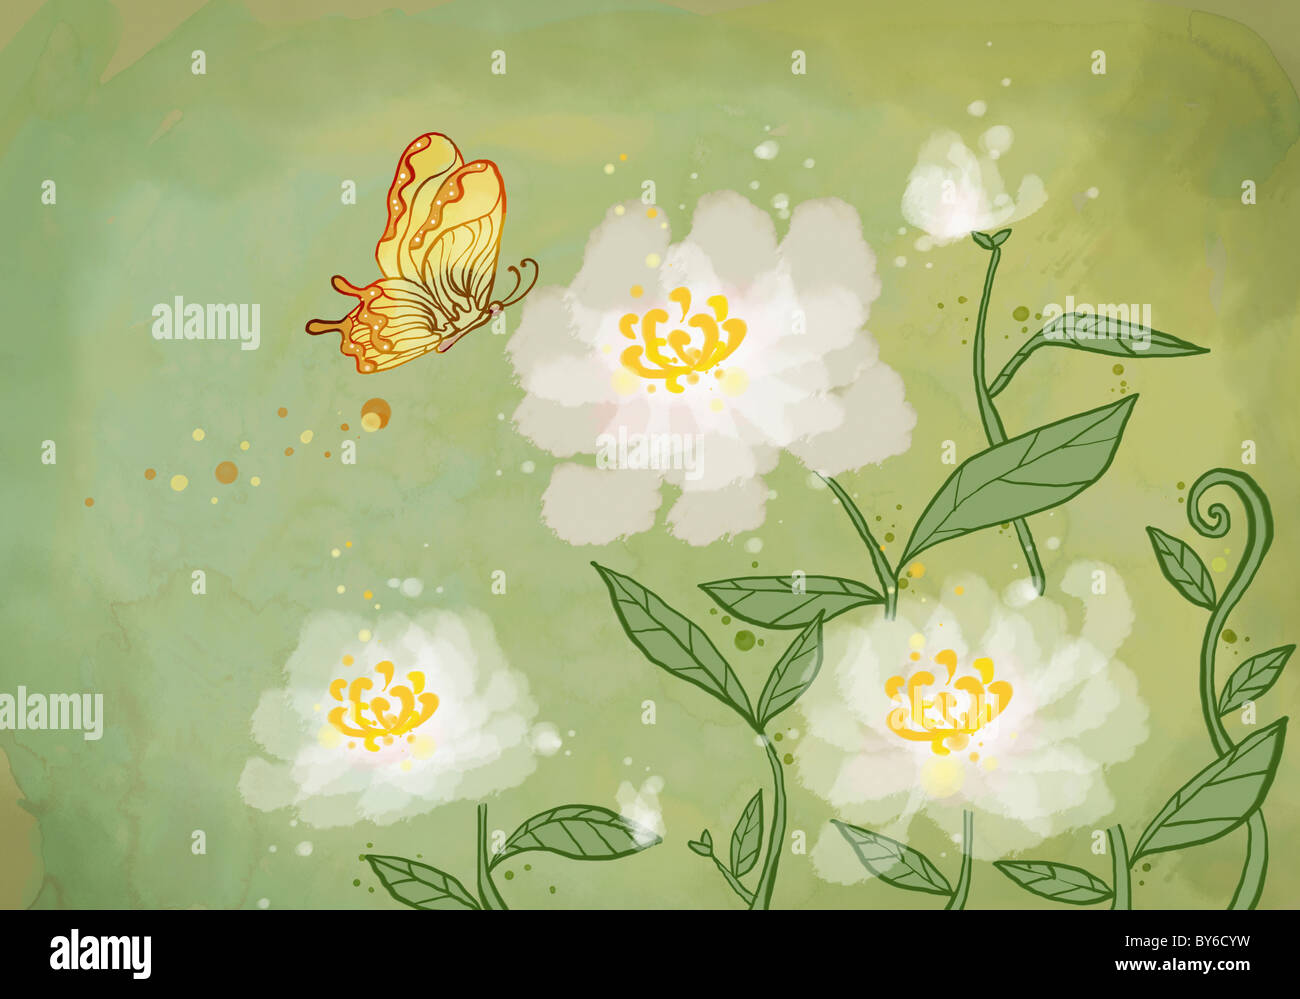 Capodanno Saluto illustrazione in atmosfera orientale Immagini Stock